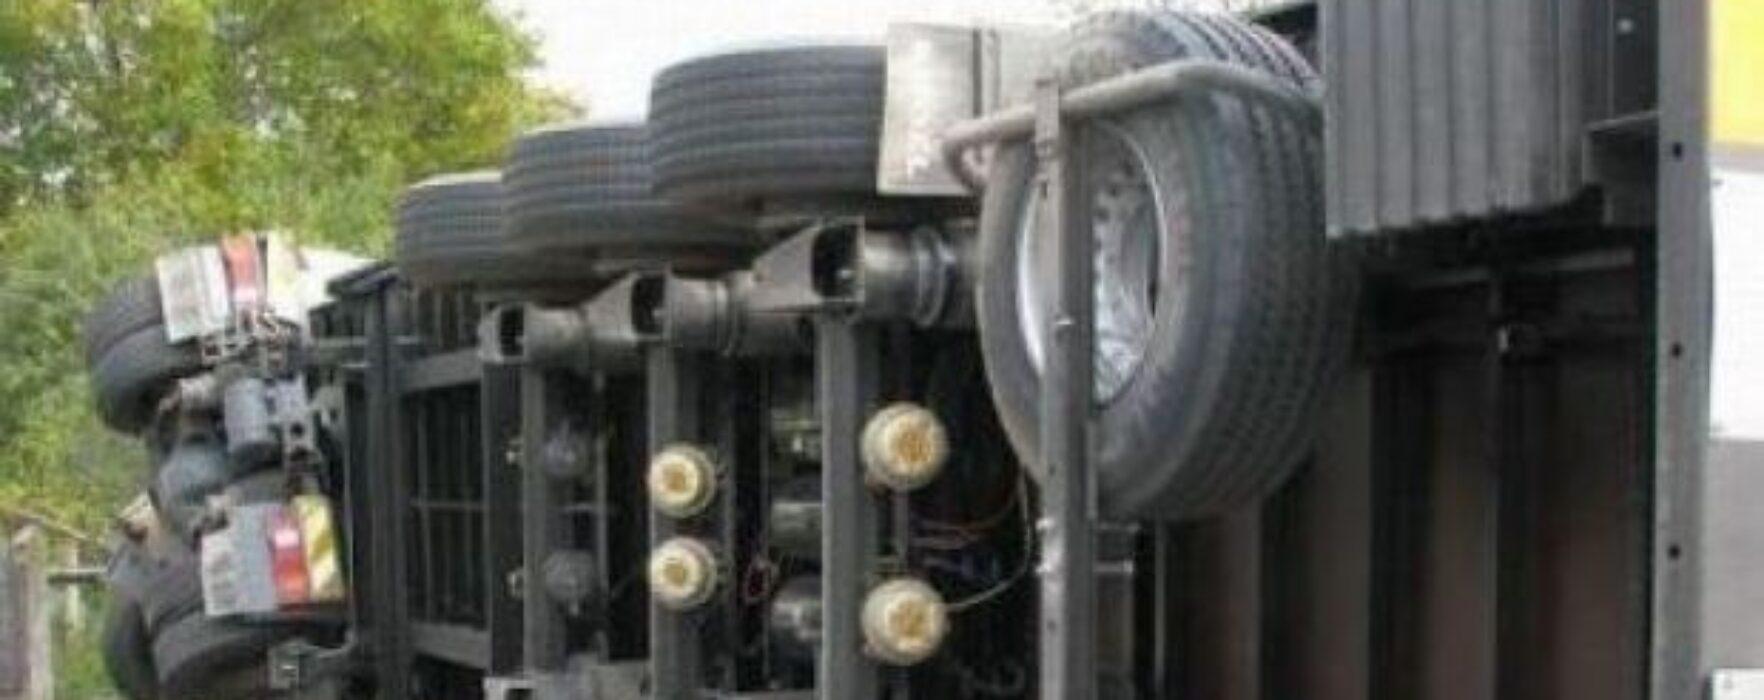 Cisternă cu combustibil, răsturnată pe DN 71 Târgovişte-Bucureşti